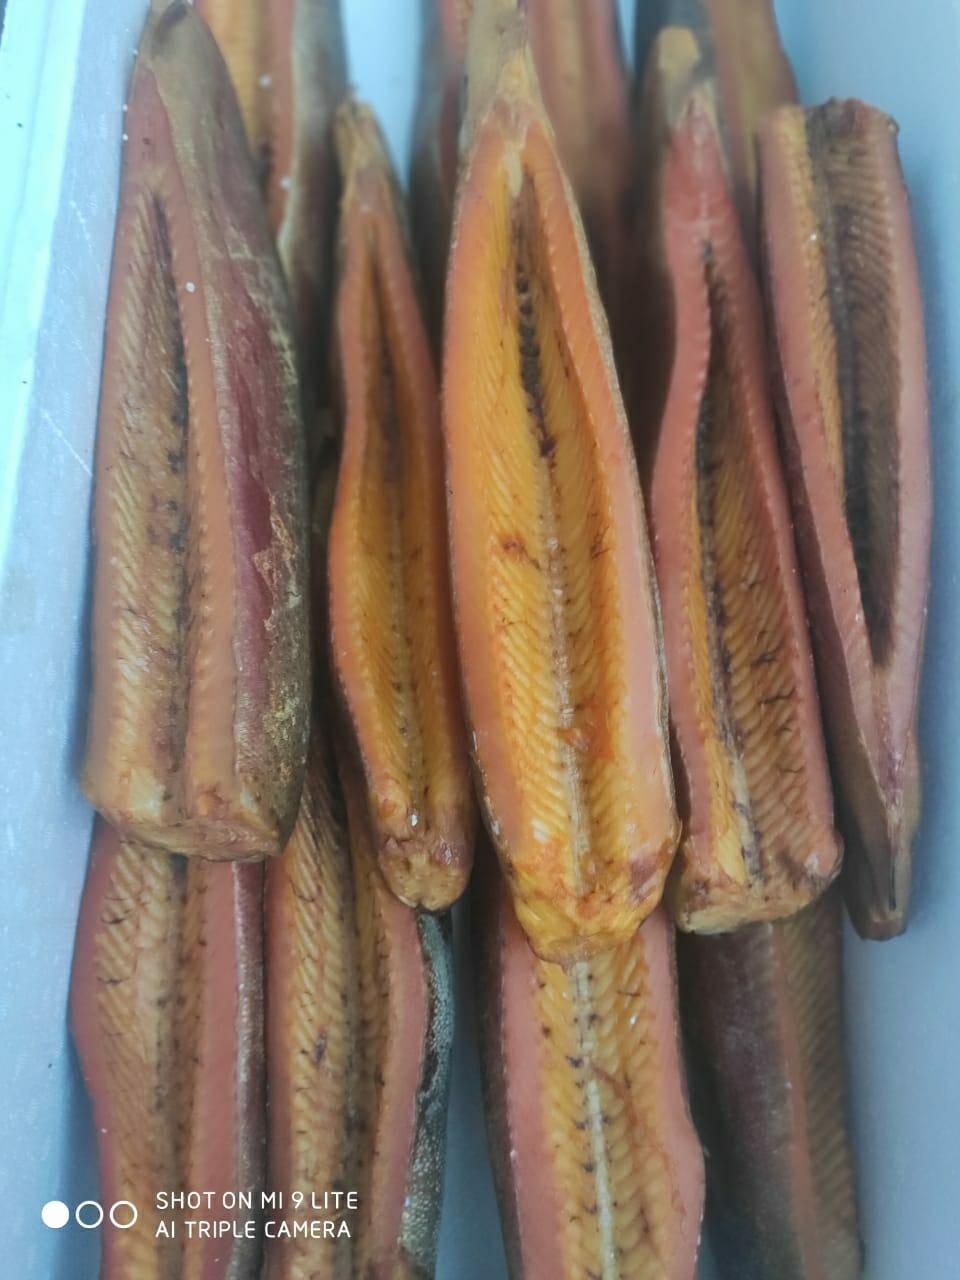 Продам рыбу из цеха, морепродукты, икру в Королеве купить 9